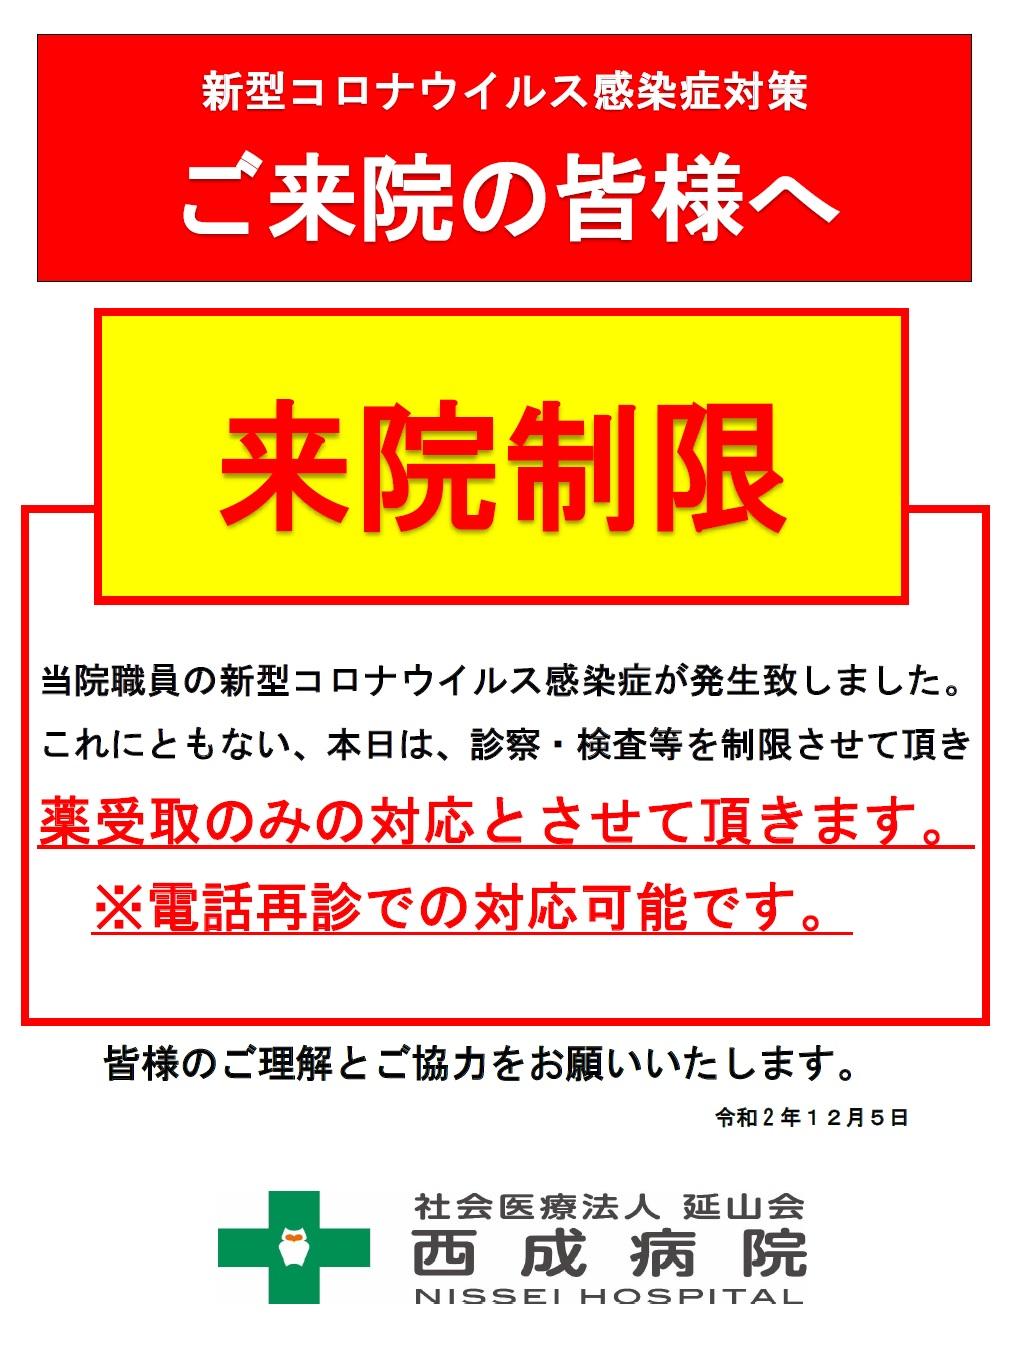 新型コロナ画像.jpg